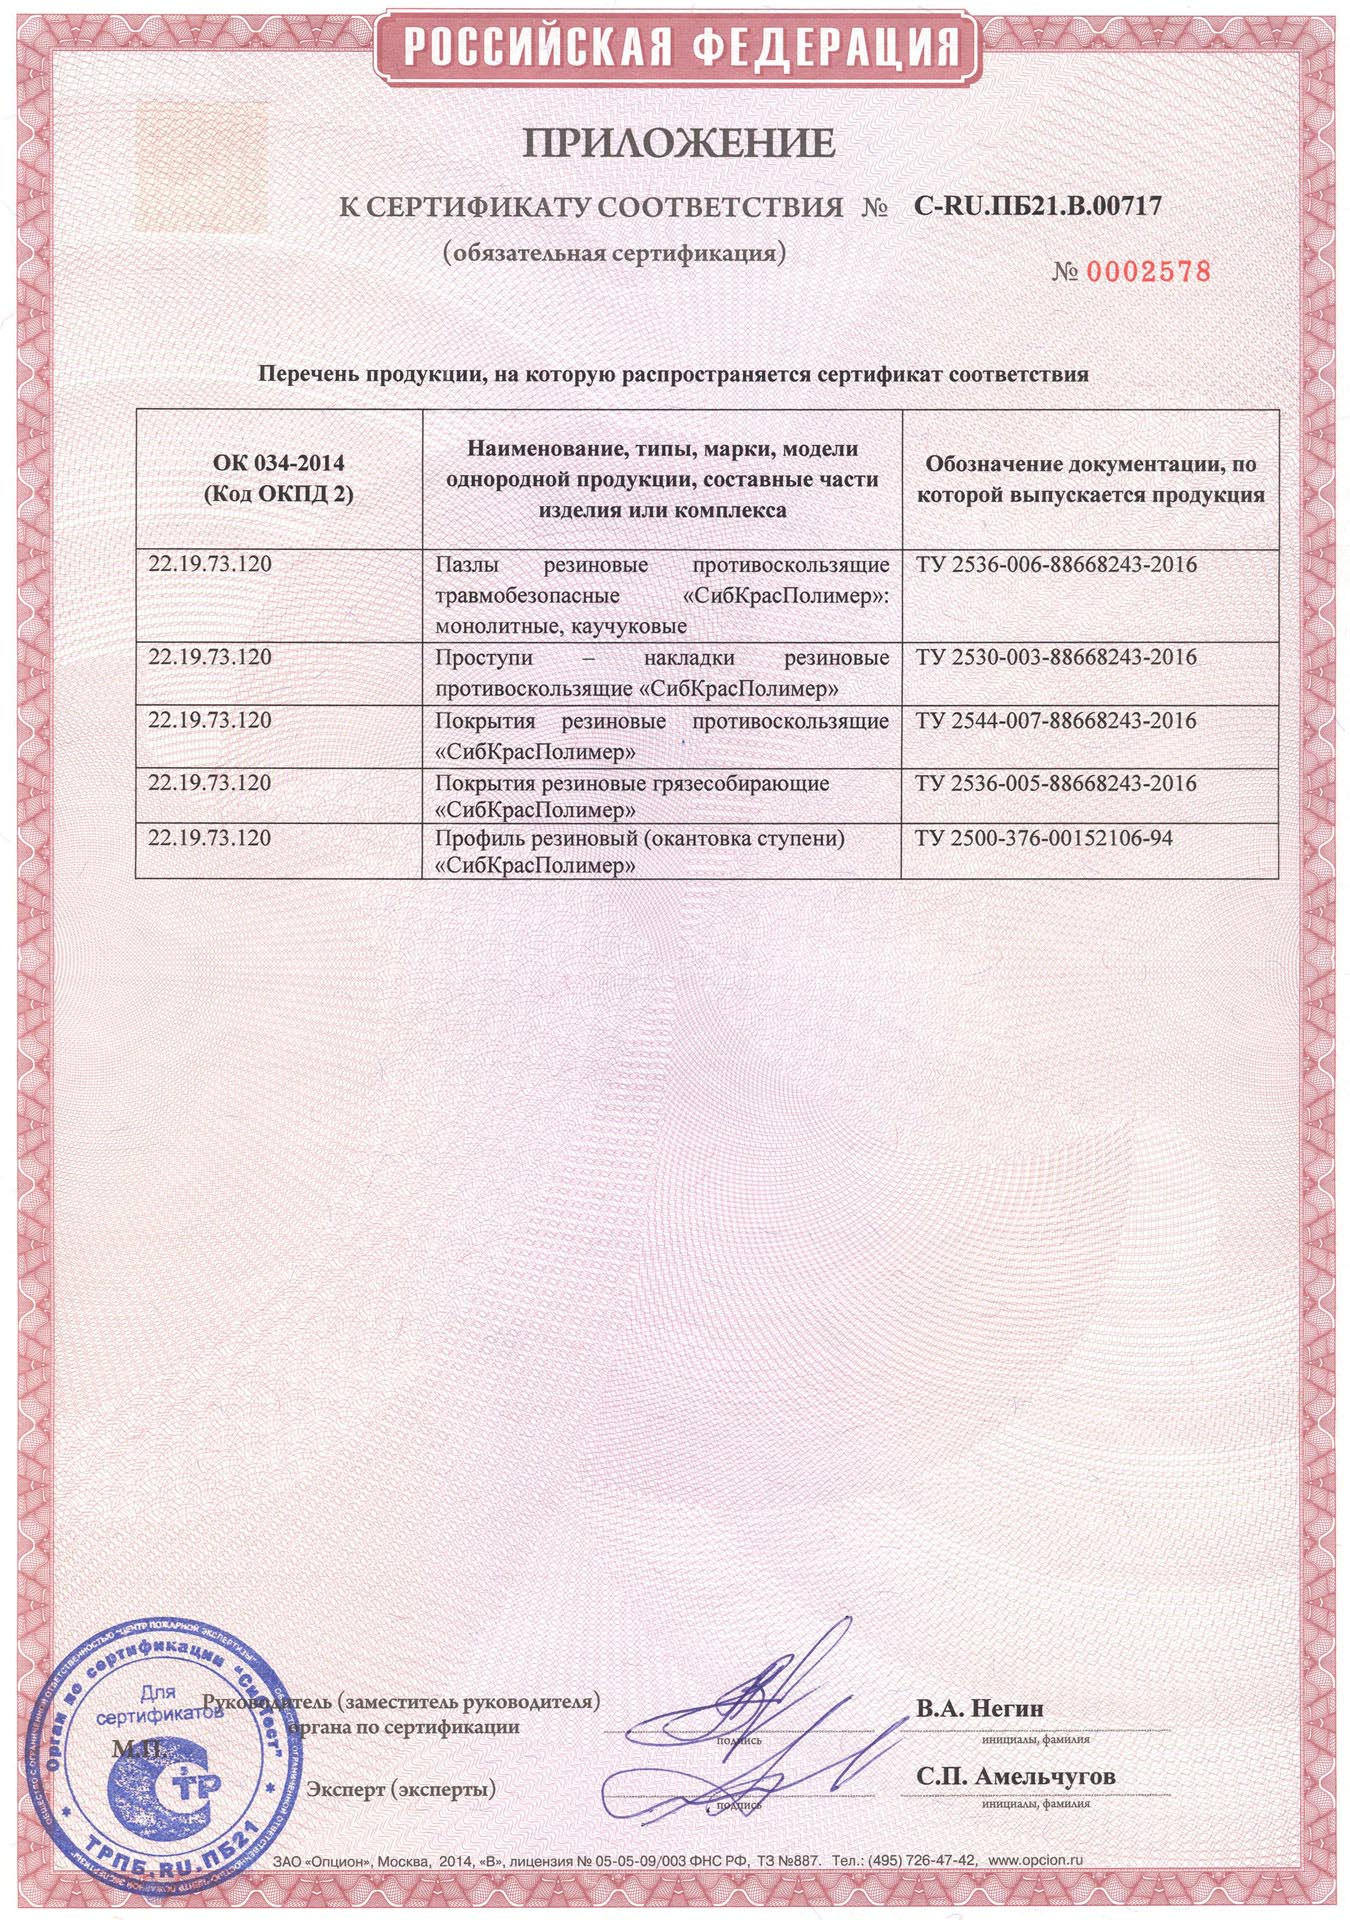 сертификат пожарный сибкрасполимер